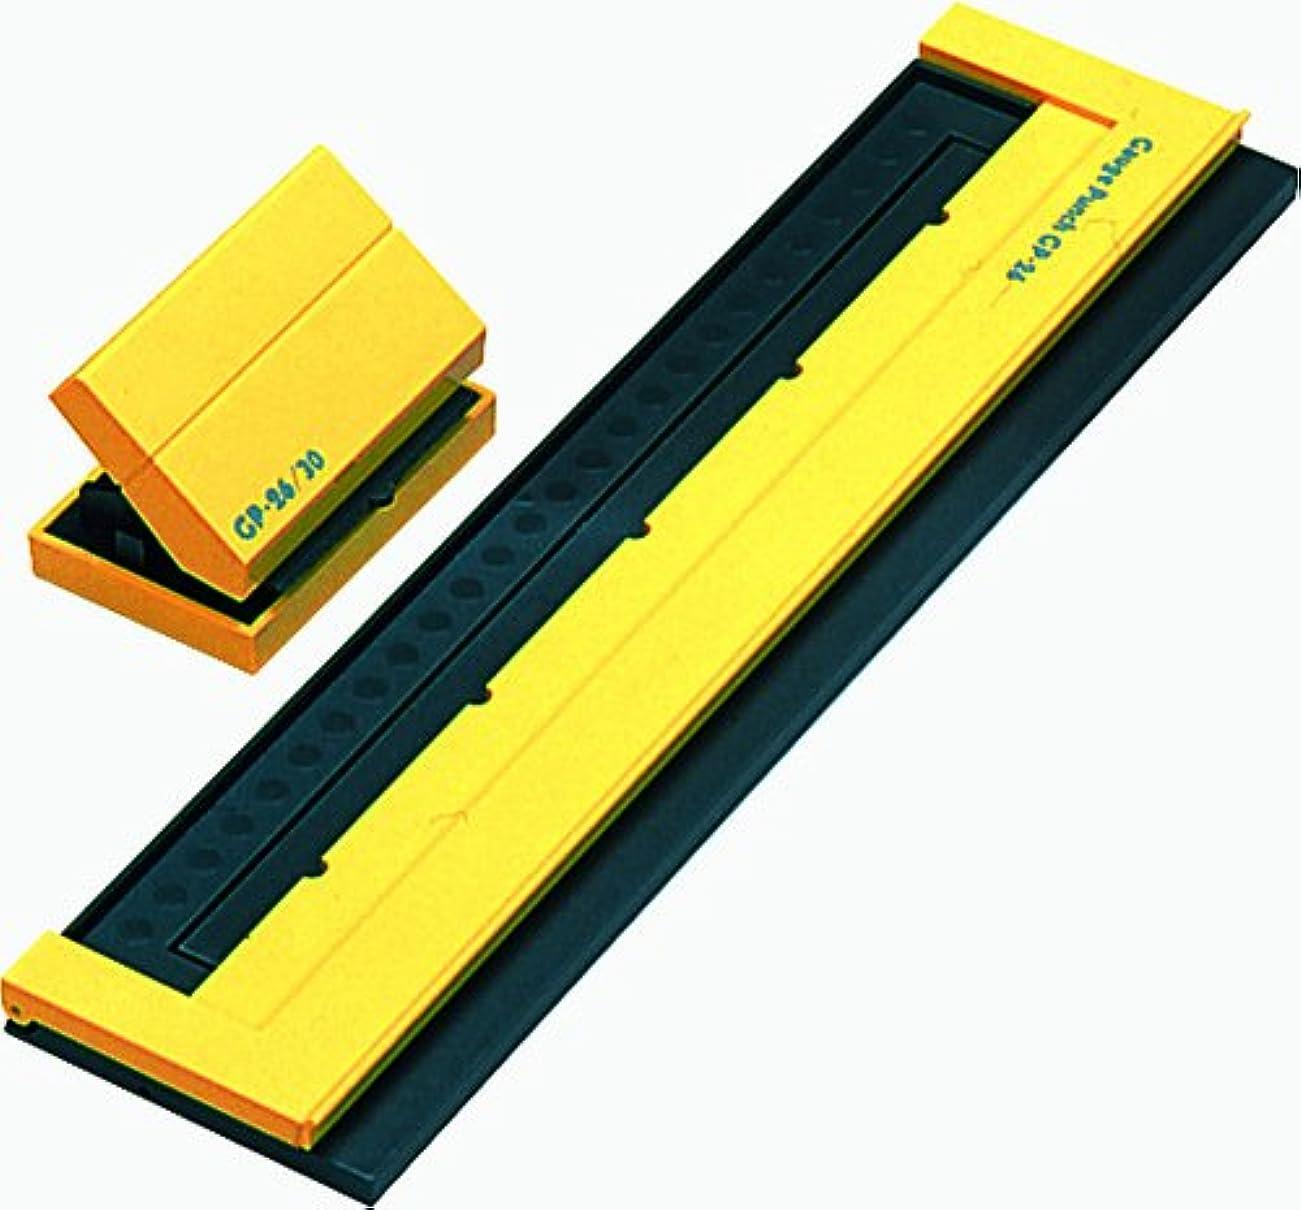 疾患エレクトロニック真鍮アスカ(Asmix) 製本リング A4 20穴用 リング内径6㎜ 10本入り ブラック RR6BK